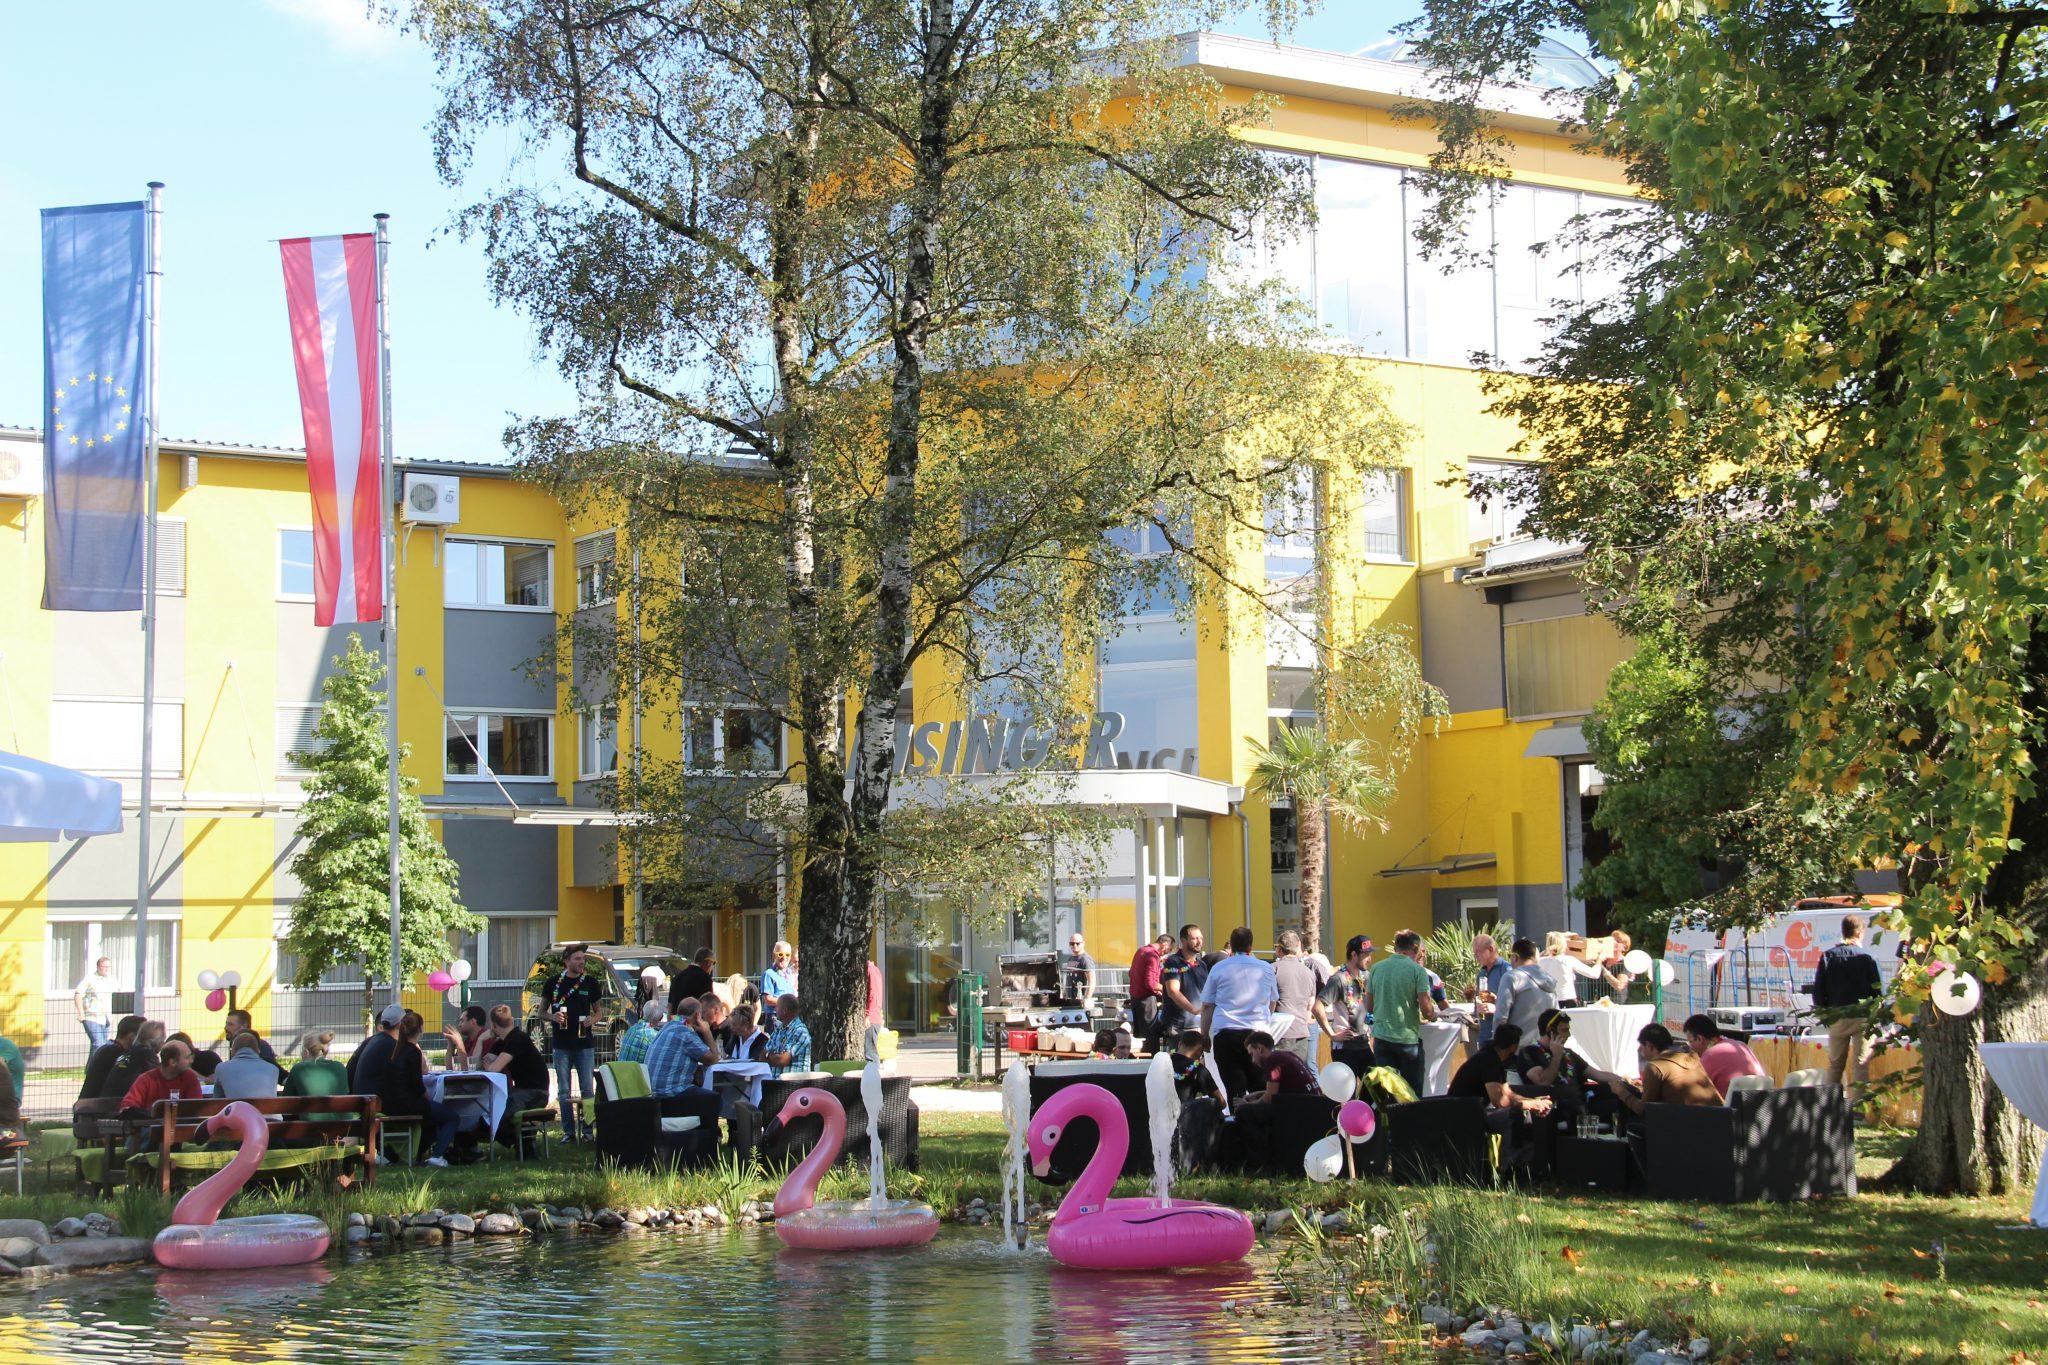 Teichfest Linsinger